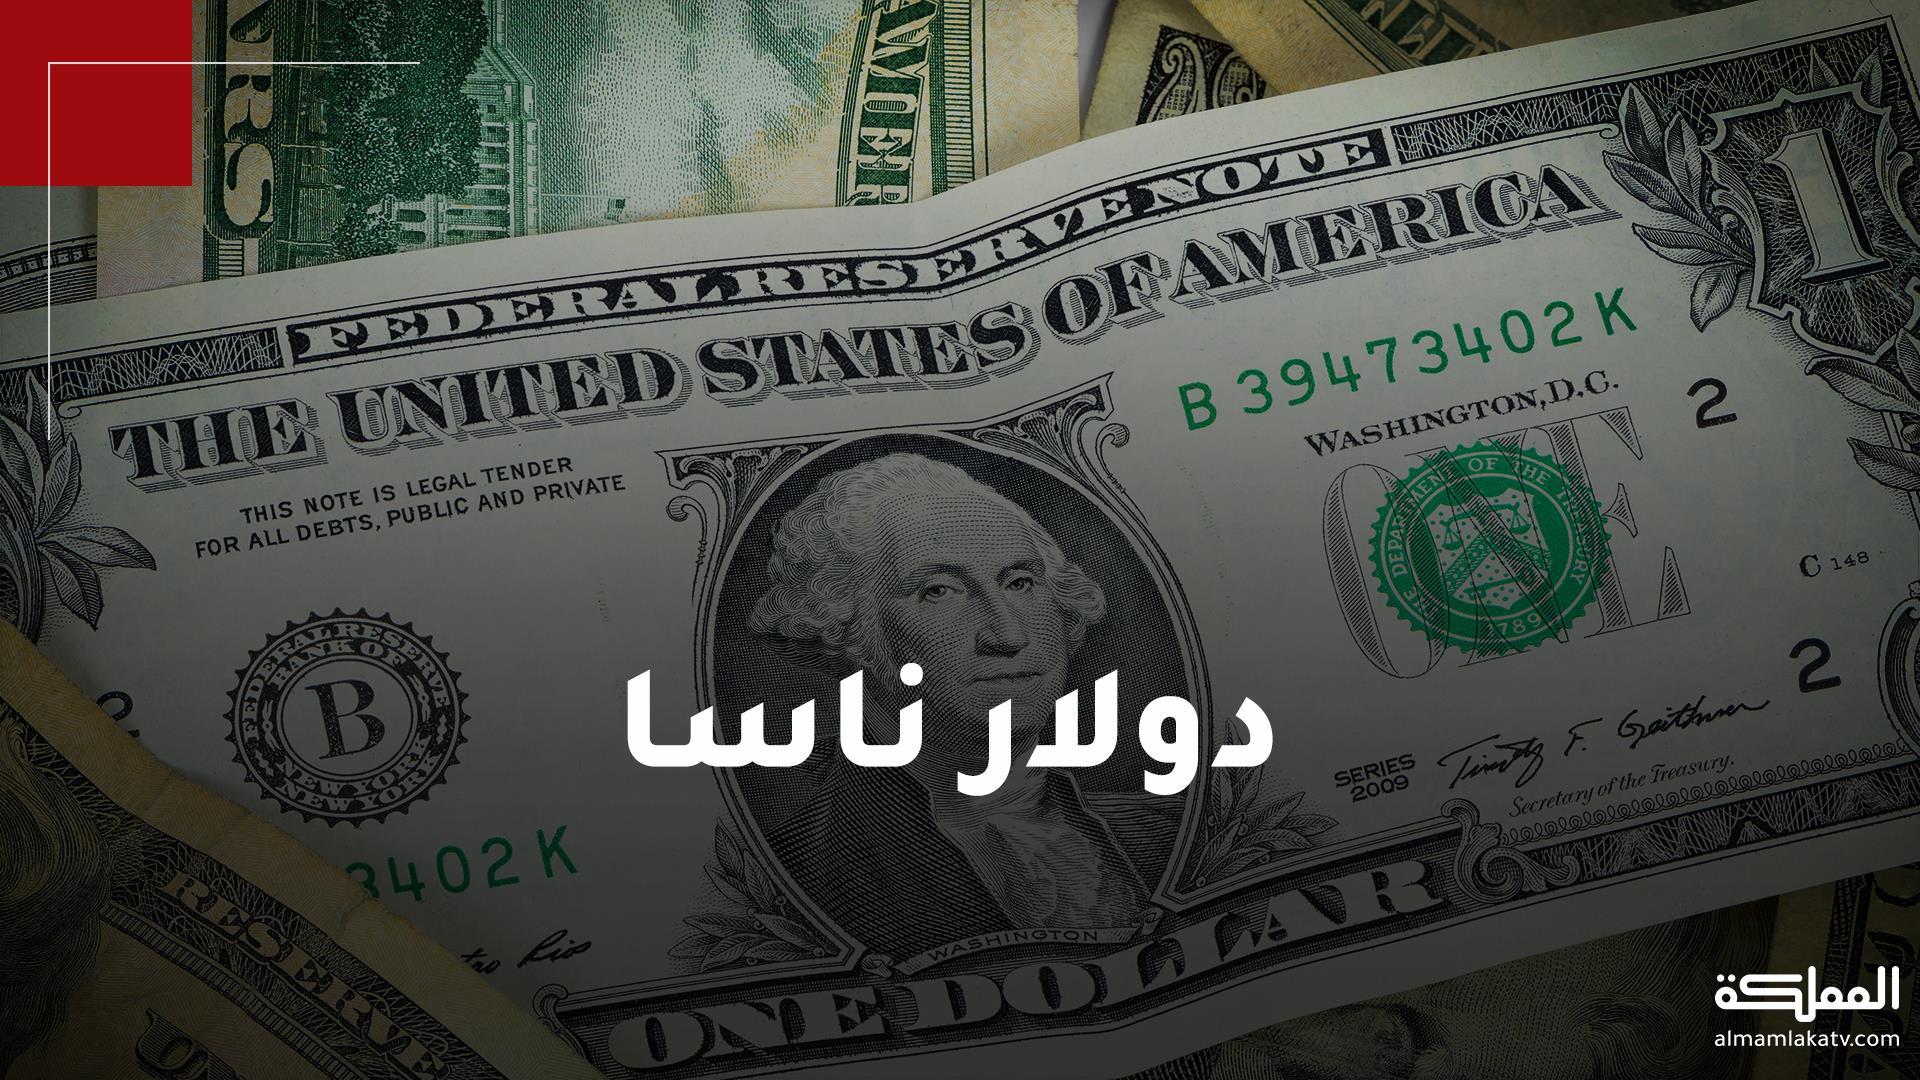 """عطاء بـ70 قرشا أردنيا.. """"ناسا """" تُبرم صفقة للحصول على أتربة من القمر مقابل دولار واحد"""